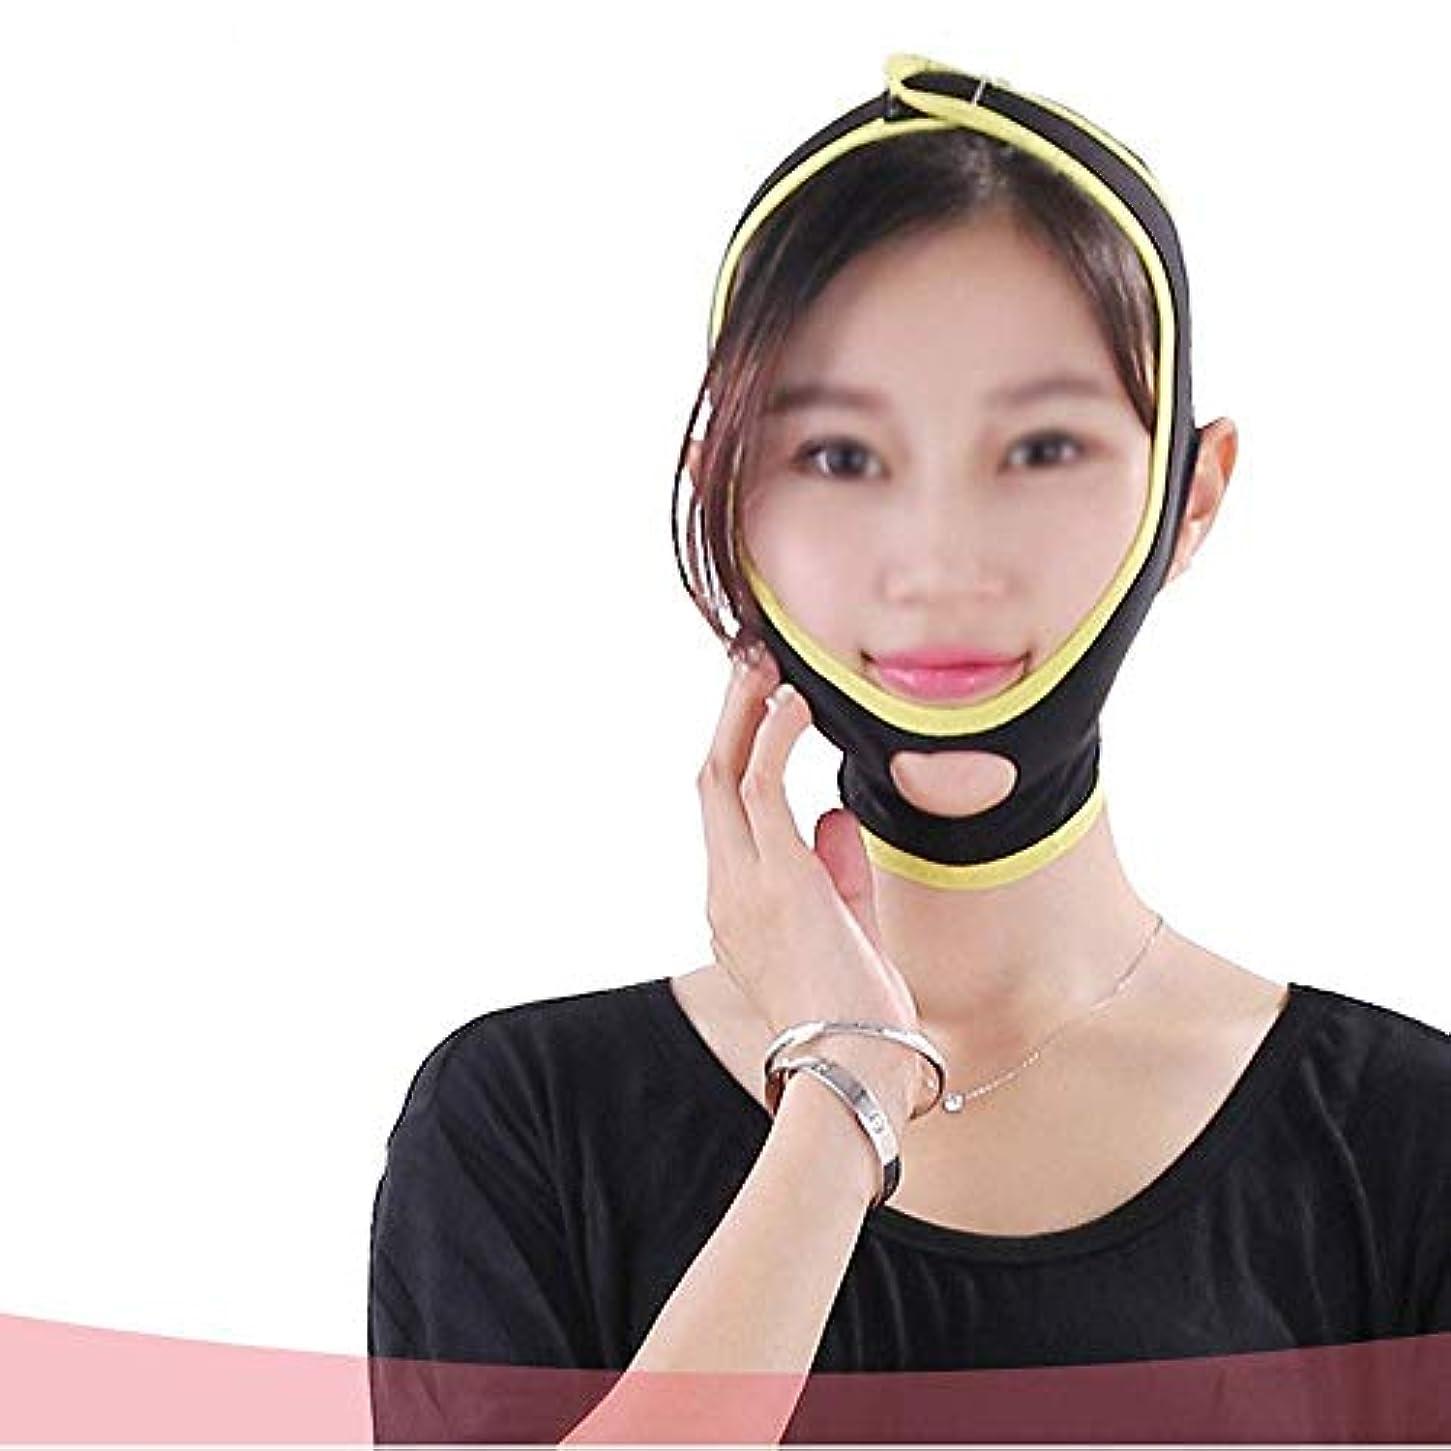 シンプルな効能ある宗教睡眠用フェイスマスク、薄い顔の包帯、小さな顔Vの顔、薄い顔、フェイスリフト付き(サイズ:M)